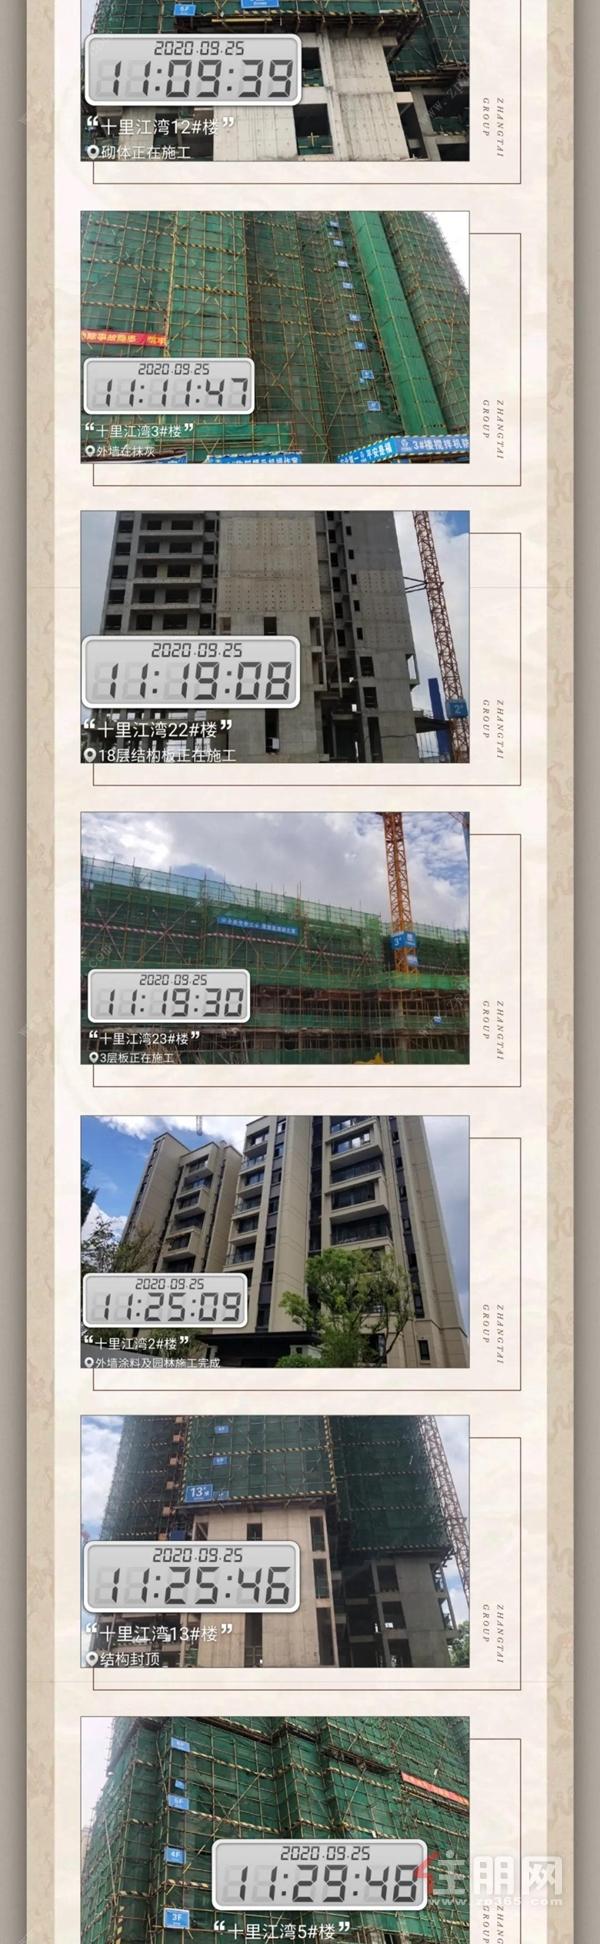 彰泰贵港城市公司| 9月家书工程进图